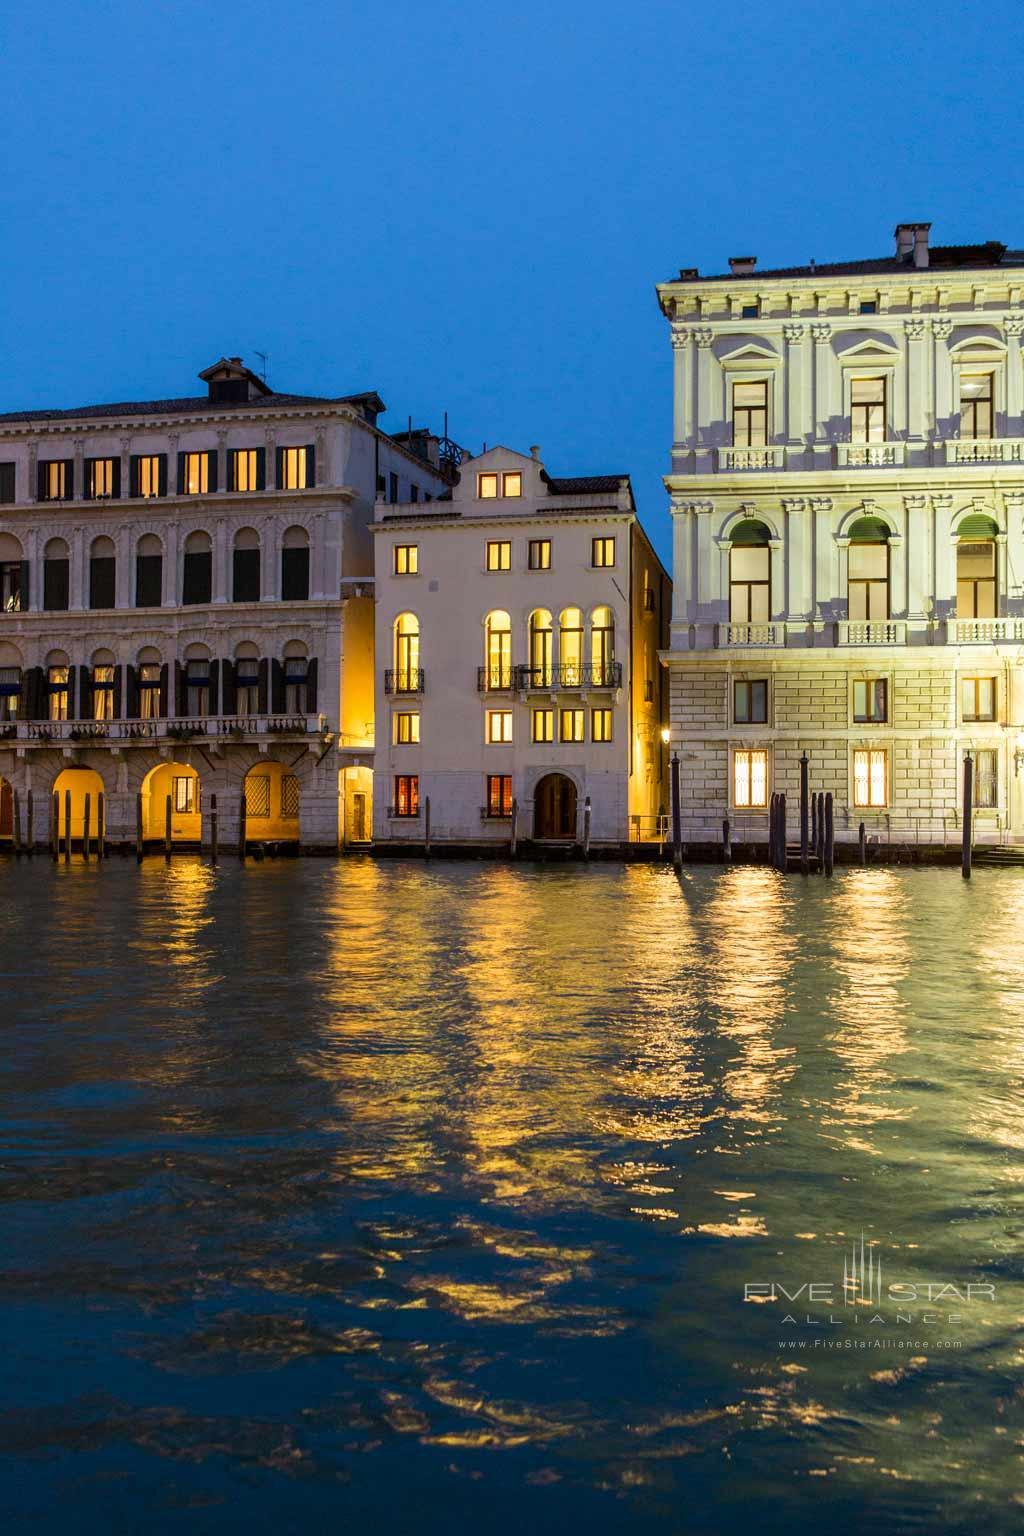 Palazzina G, Venice, Italy